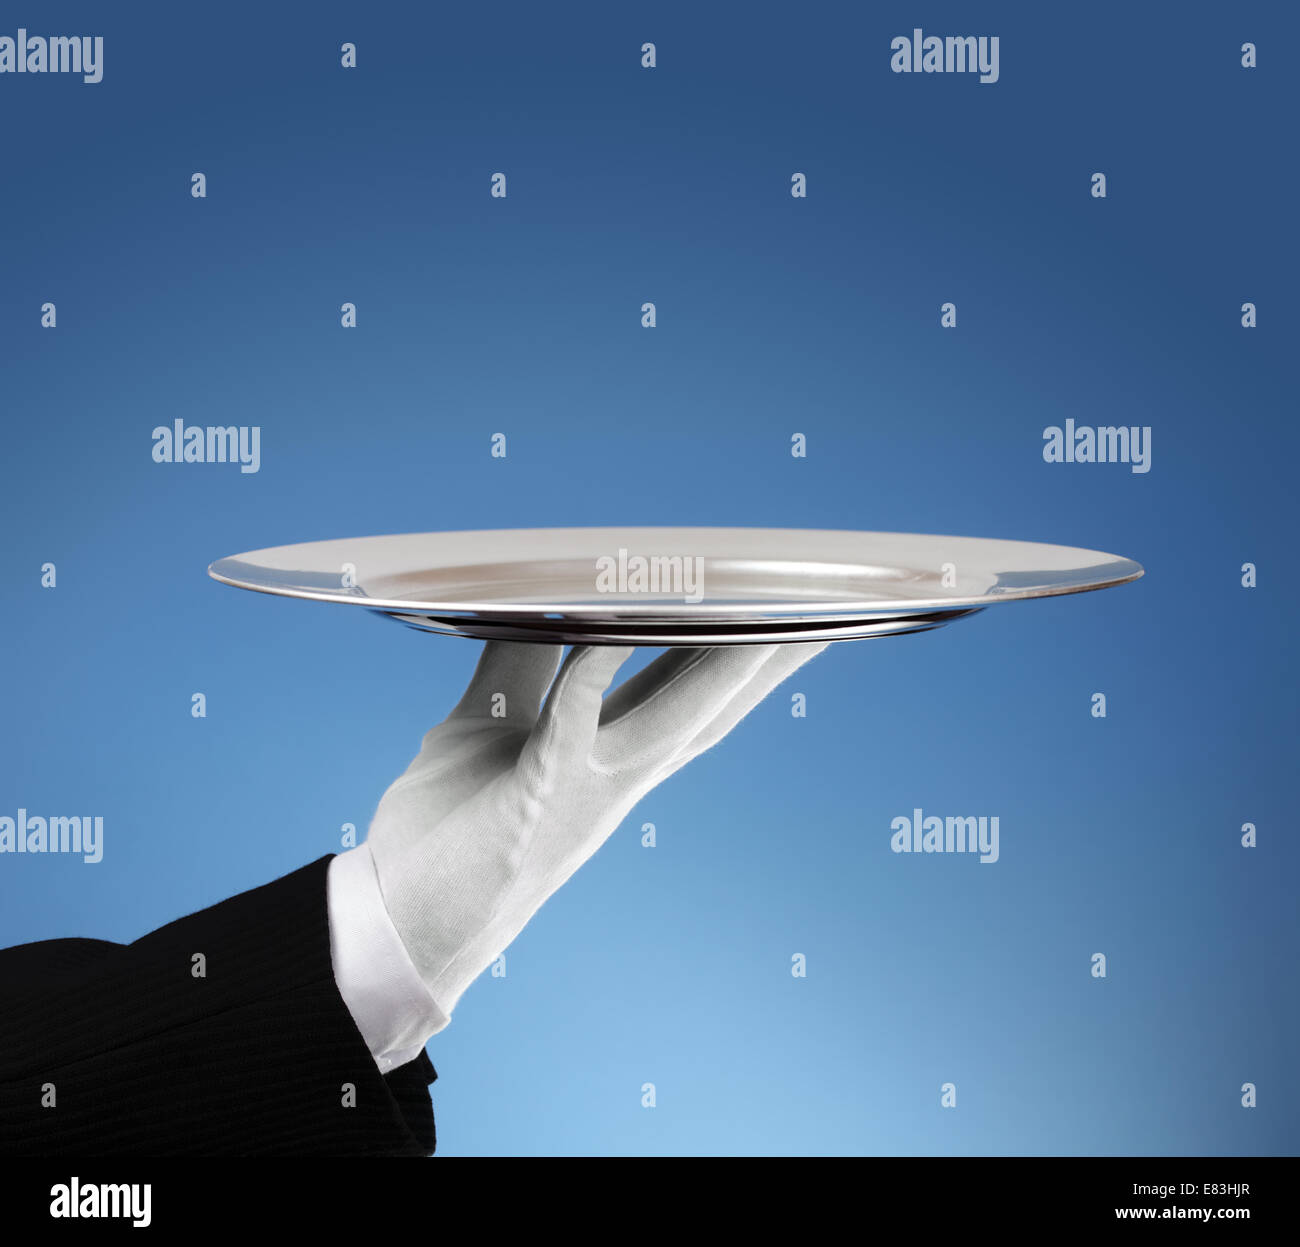 Garçon avec vide silver tray Photo Stock